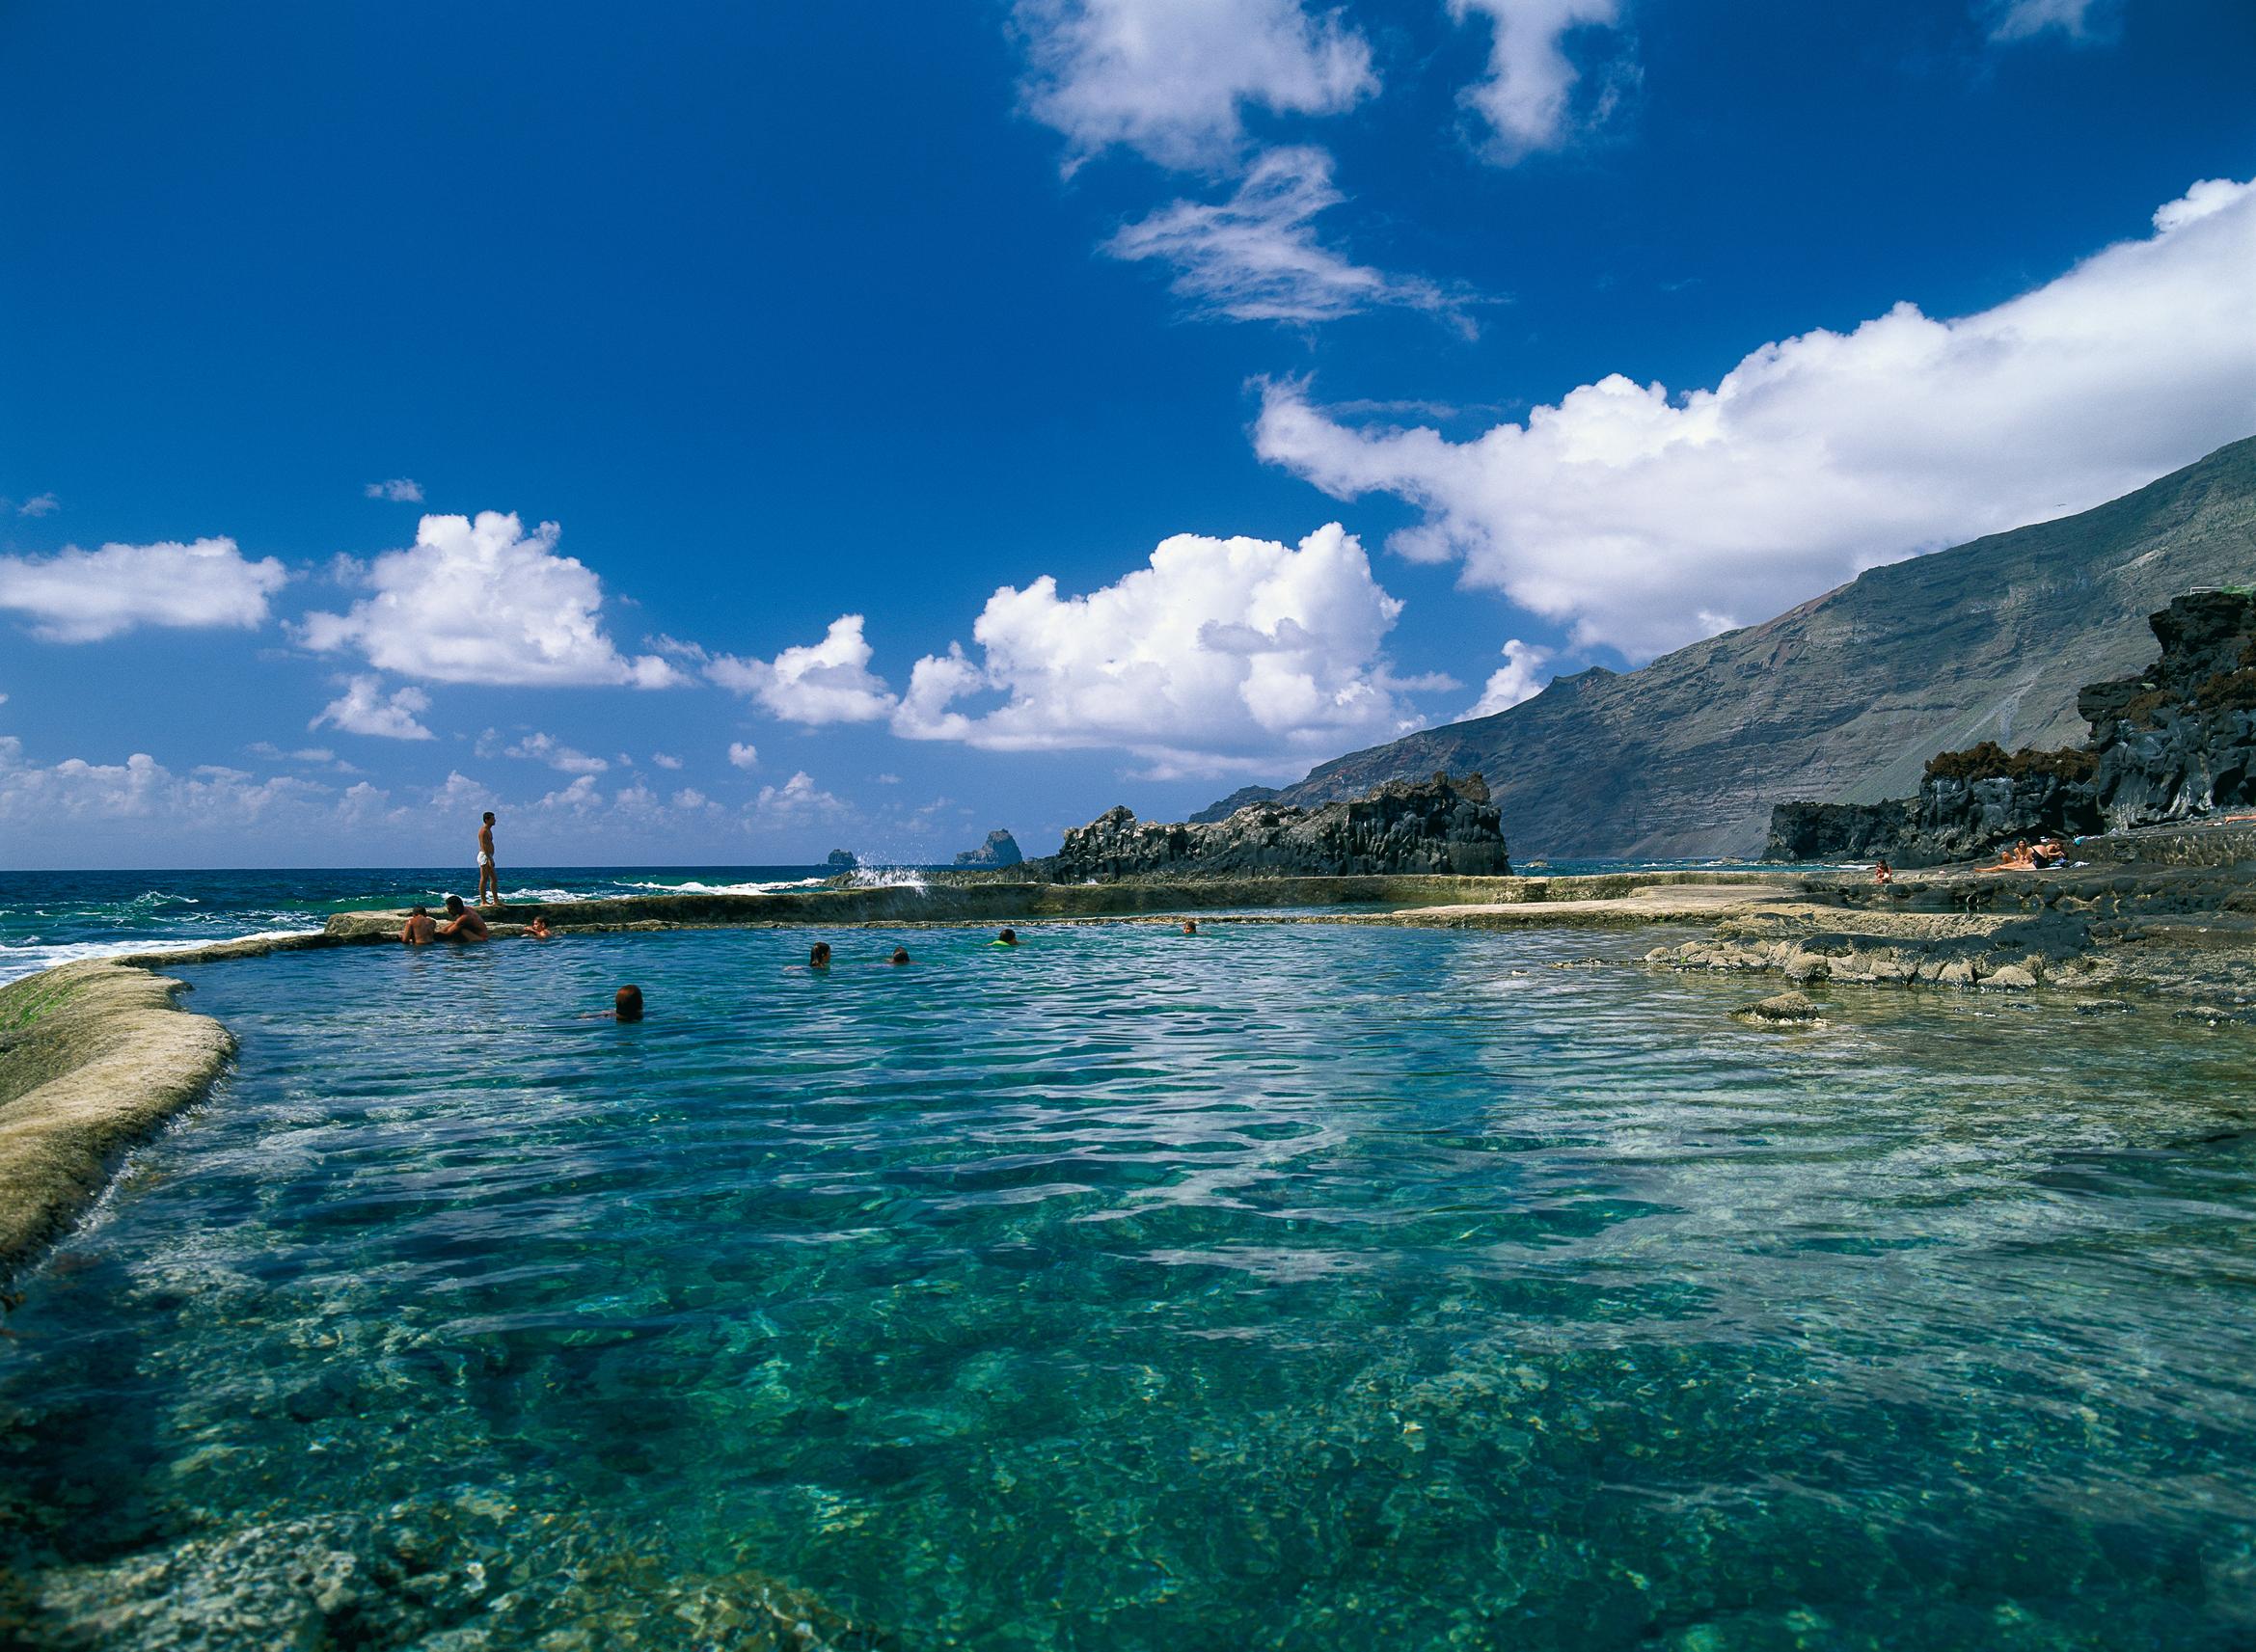 جزر الكناري بالصور